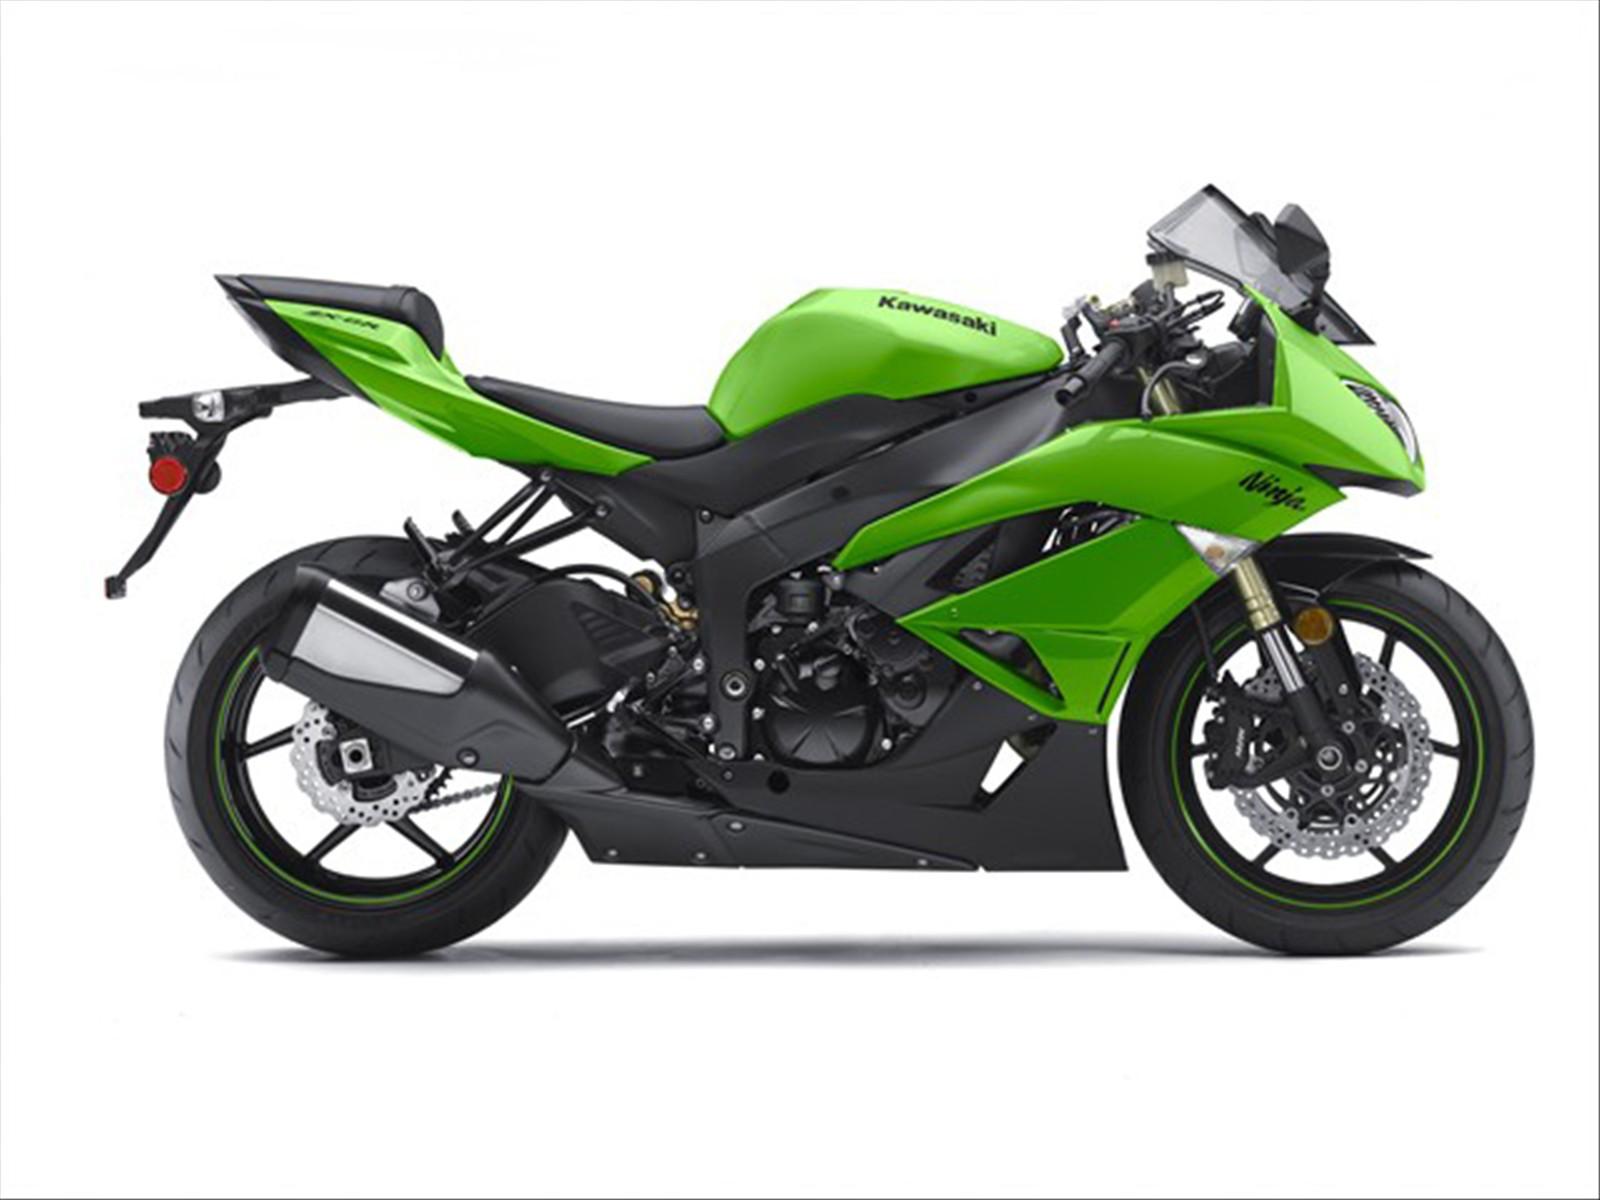 Daftar Harga Motor Kawasaki Terbaru Modifikasi Sepeda Motor